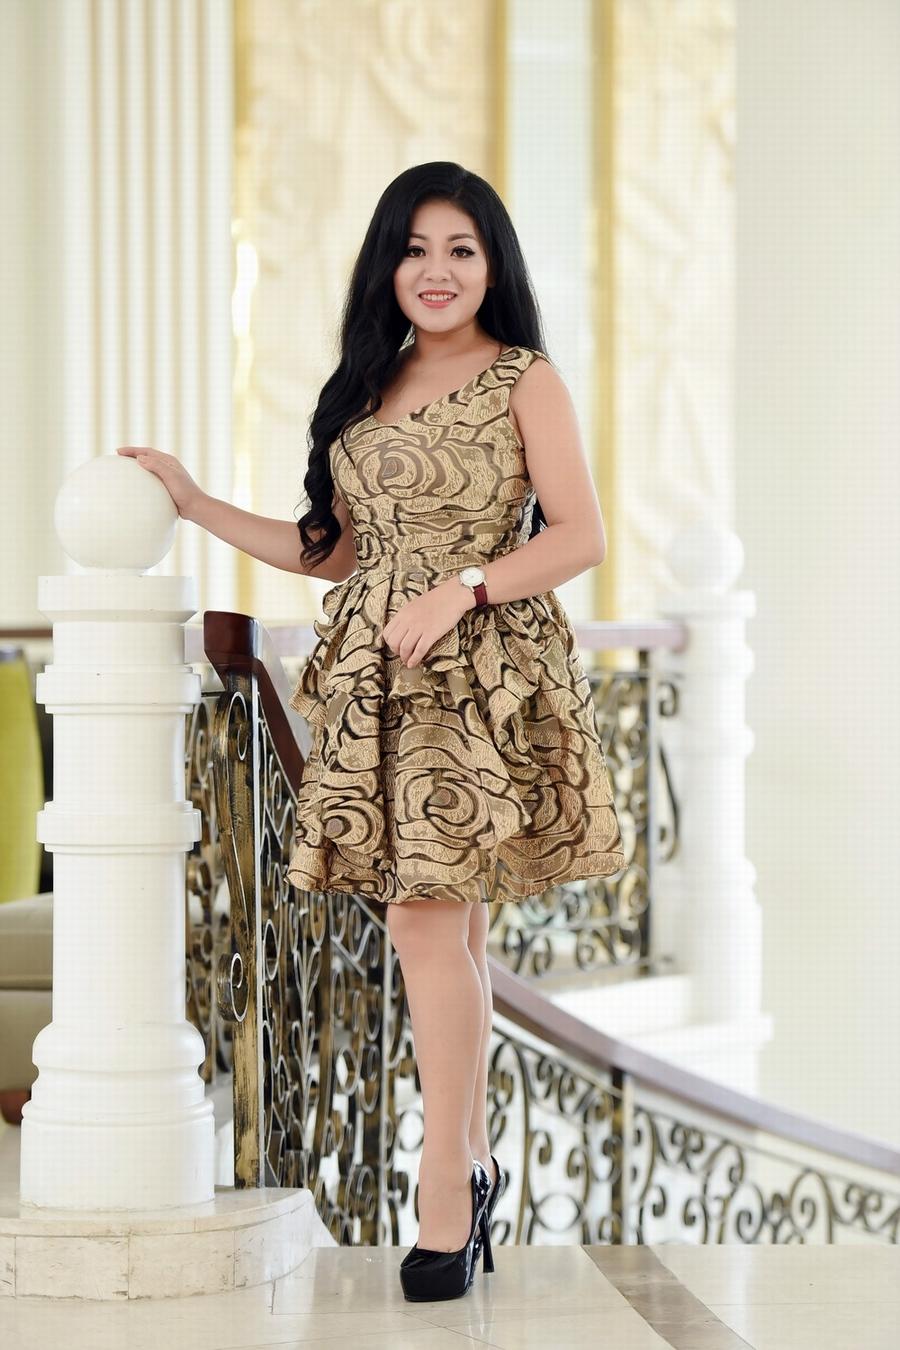 Giải trí - Ca sĩ Anh Thơ mặc váy đính 100 viên kim cương trong liveshow mới (Hình 19).